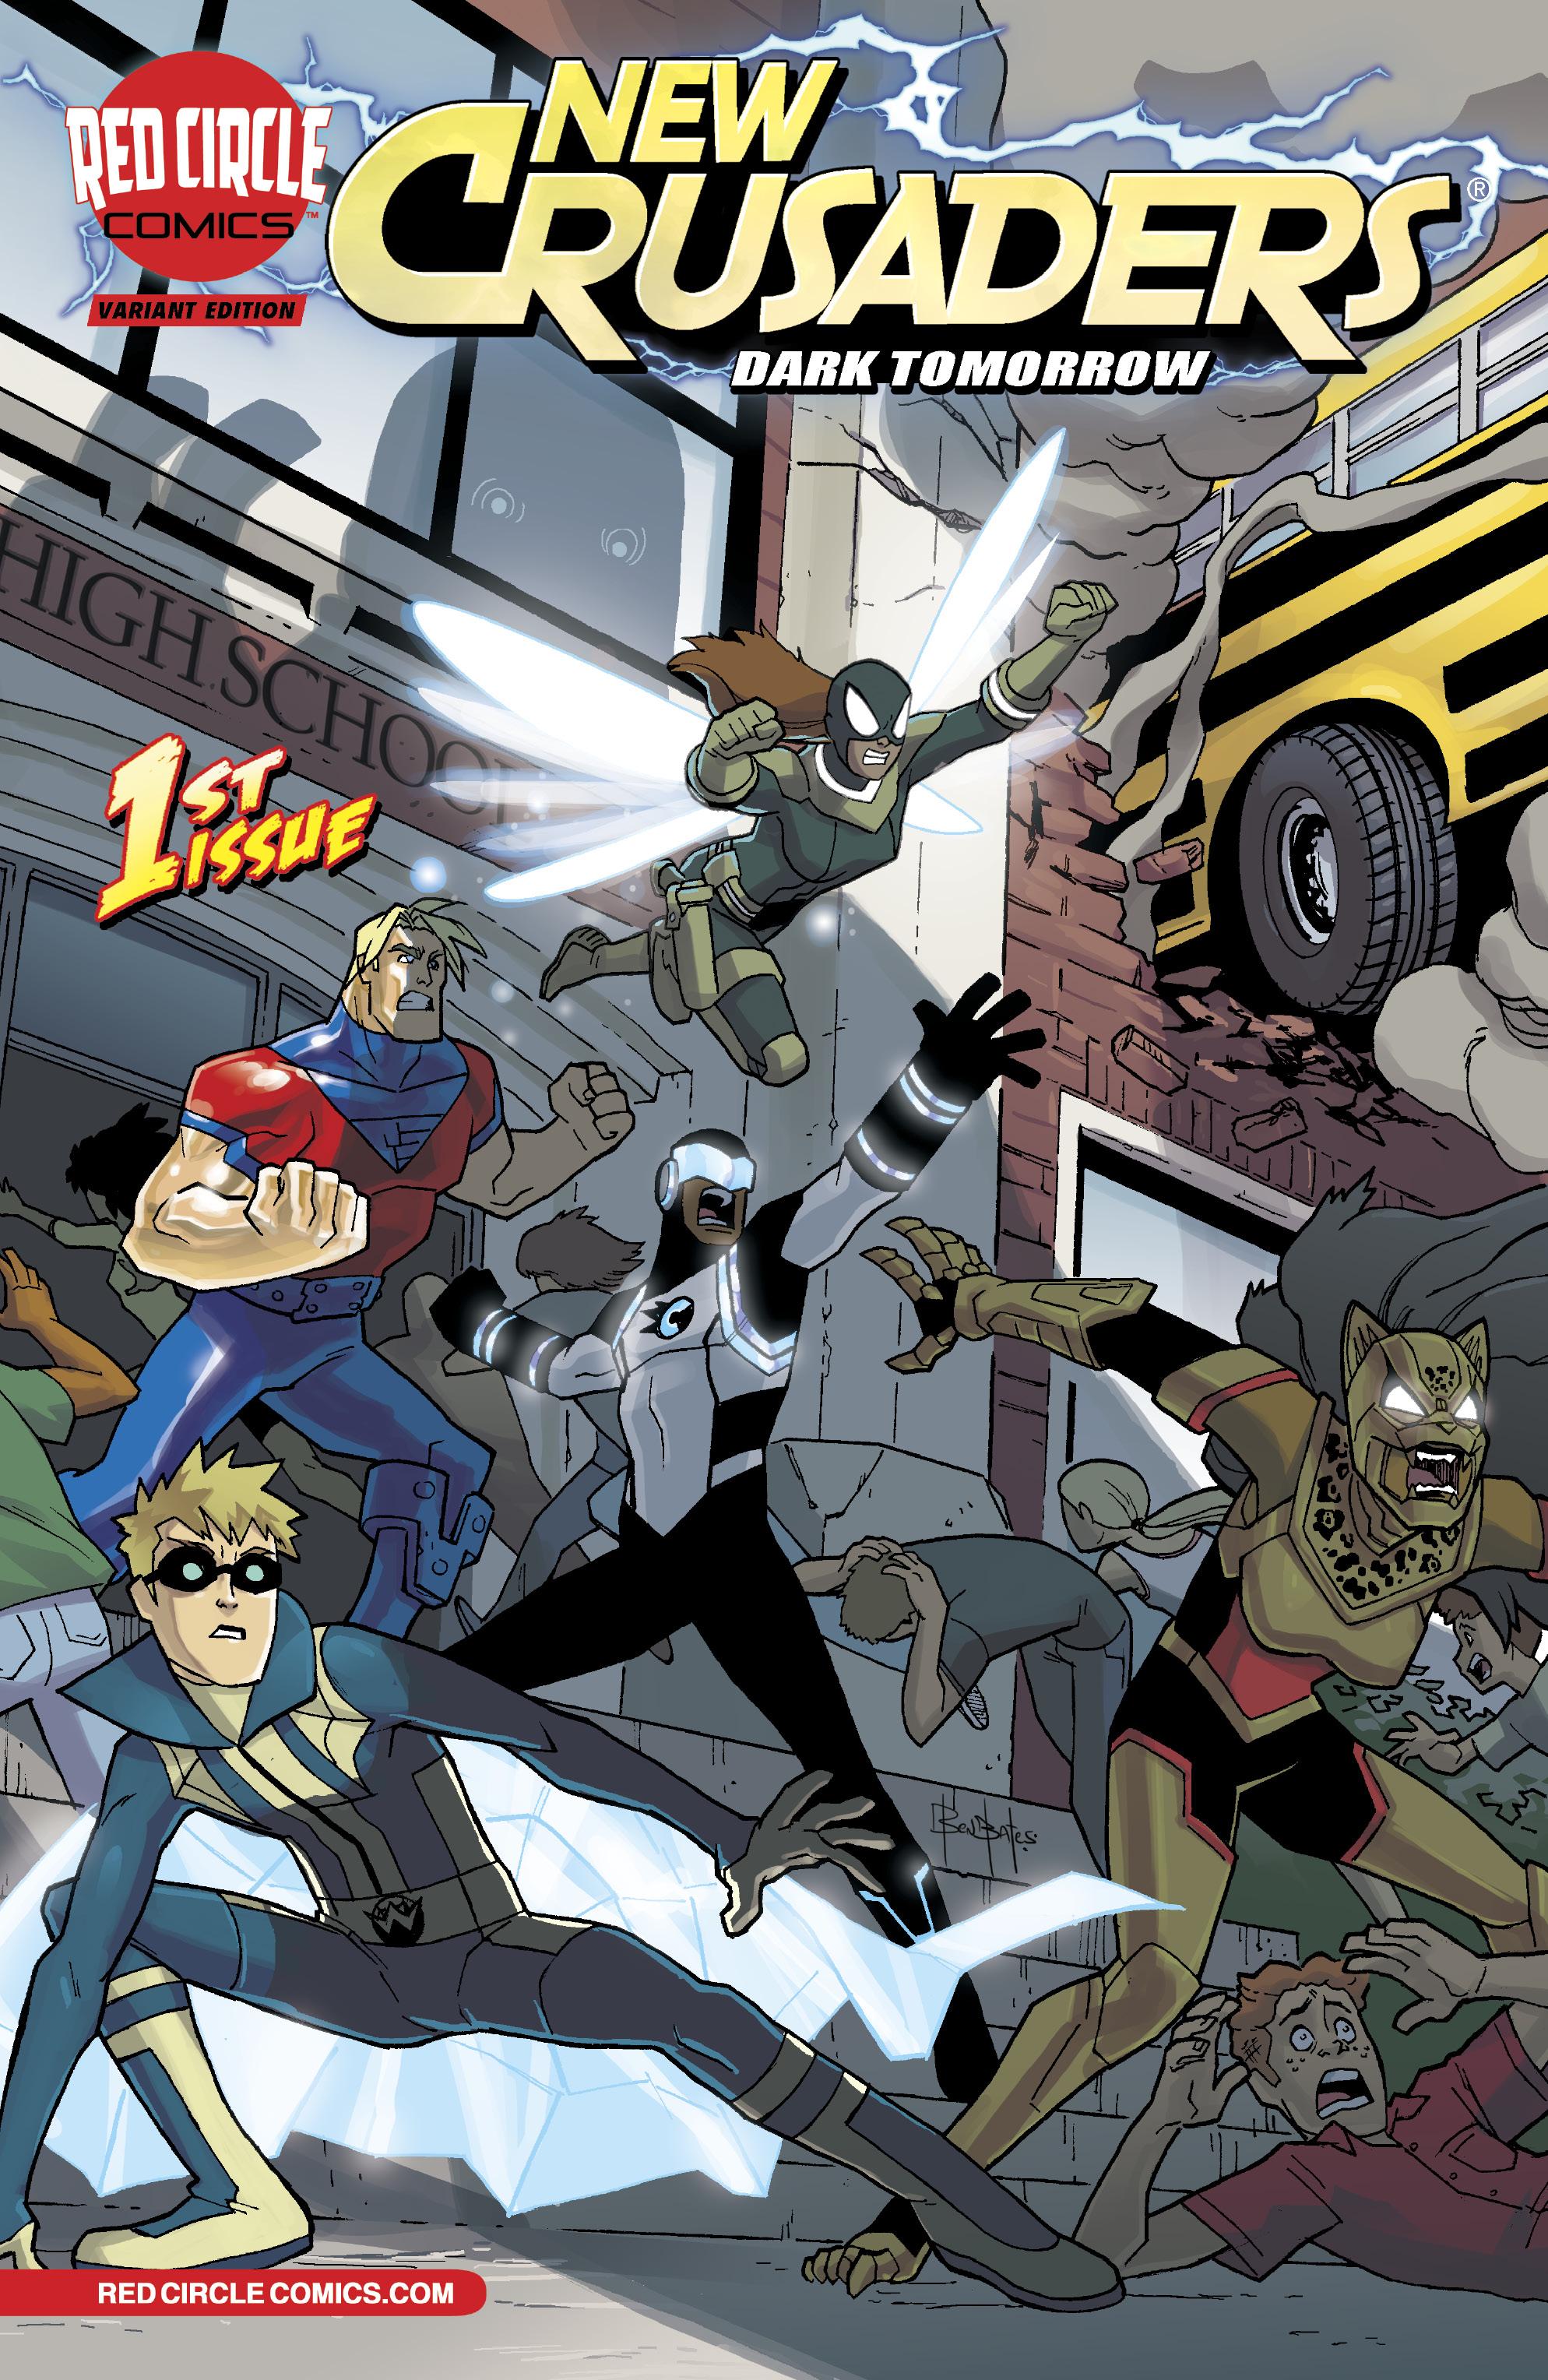 Archie comics archie comics sneak peek of the week major spoilers - Newcrusadersdtvar 1